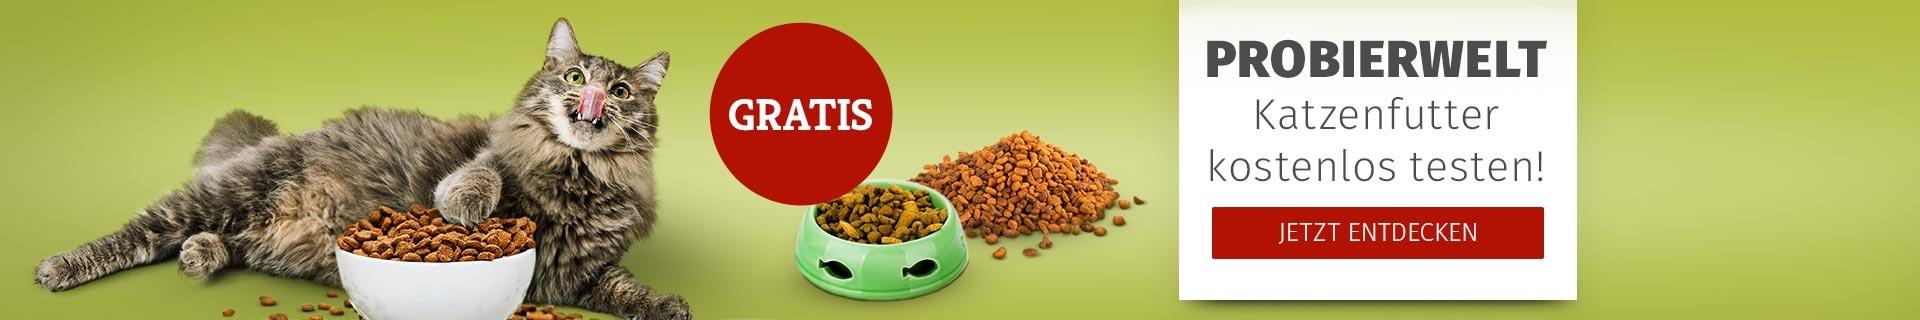 Probierwelt für Katzen - Futter kostenlos testen